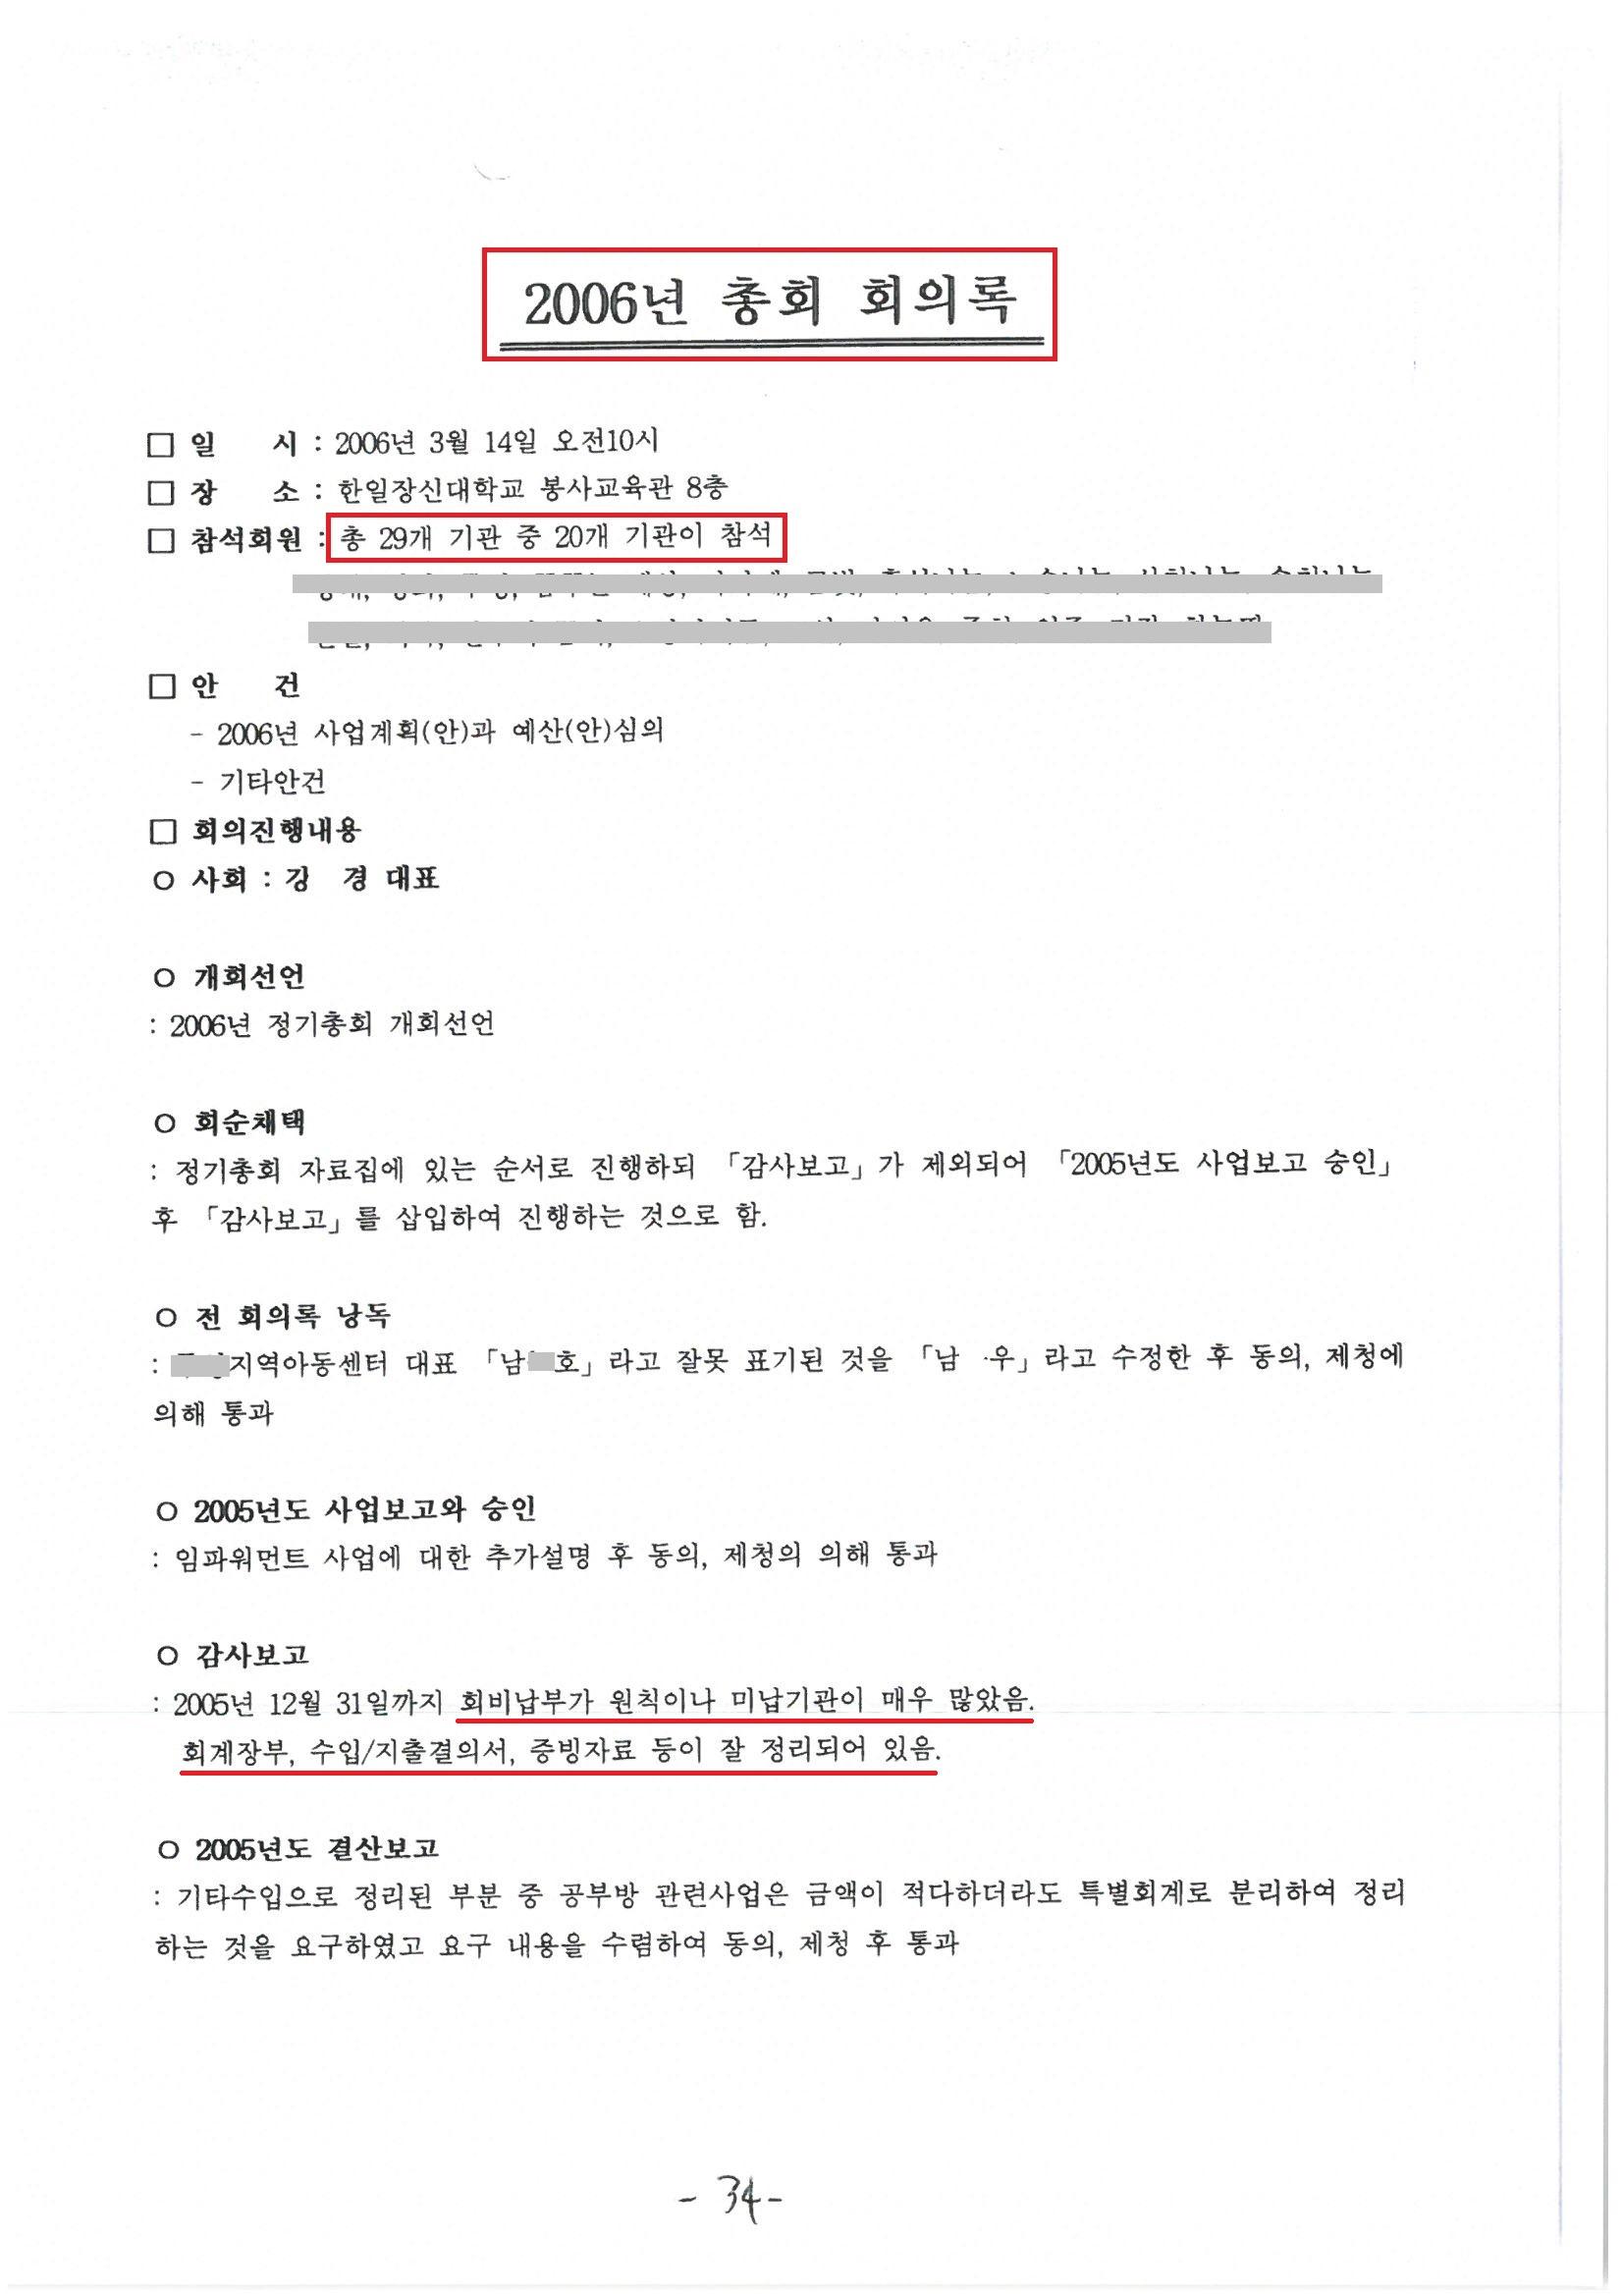 2007년 비영리민간단체등록 신청서_3(공개).jpg